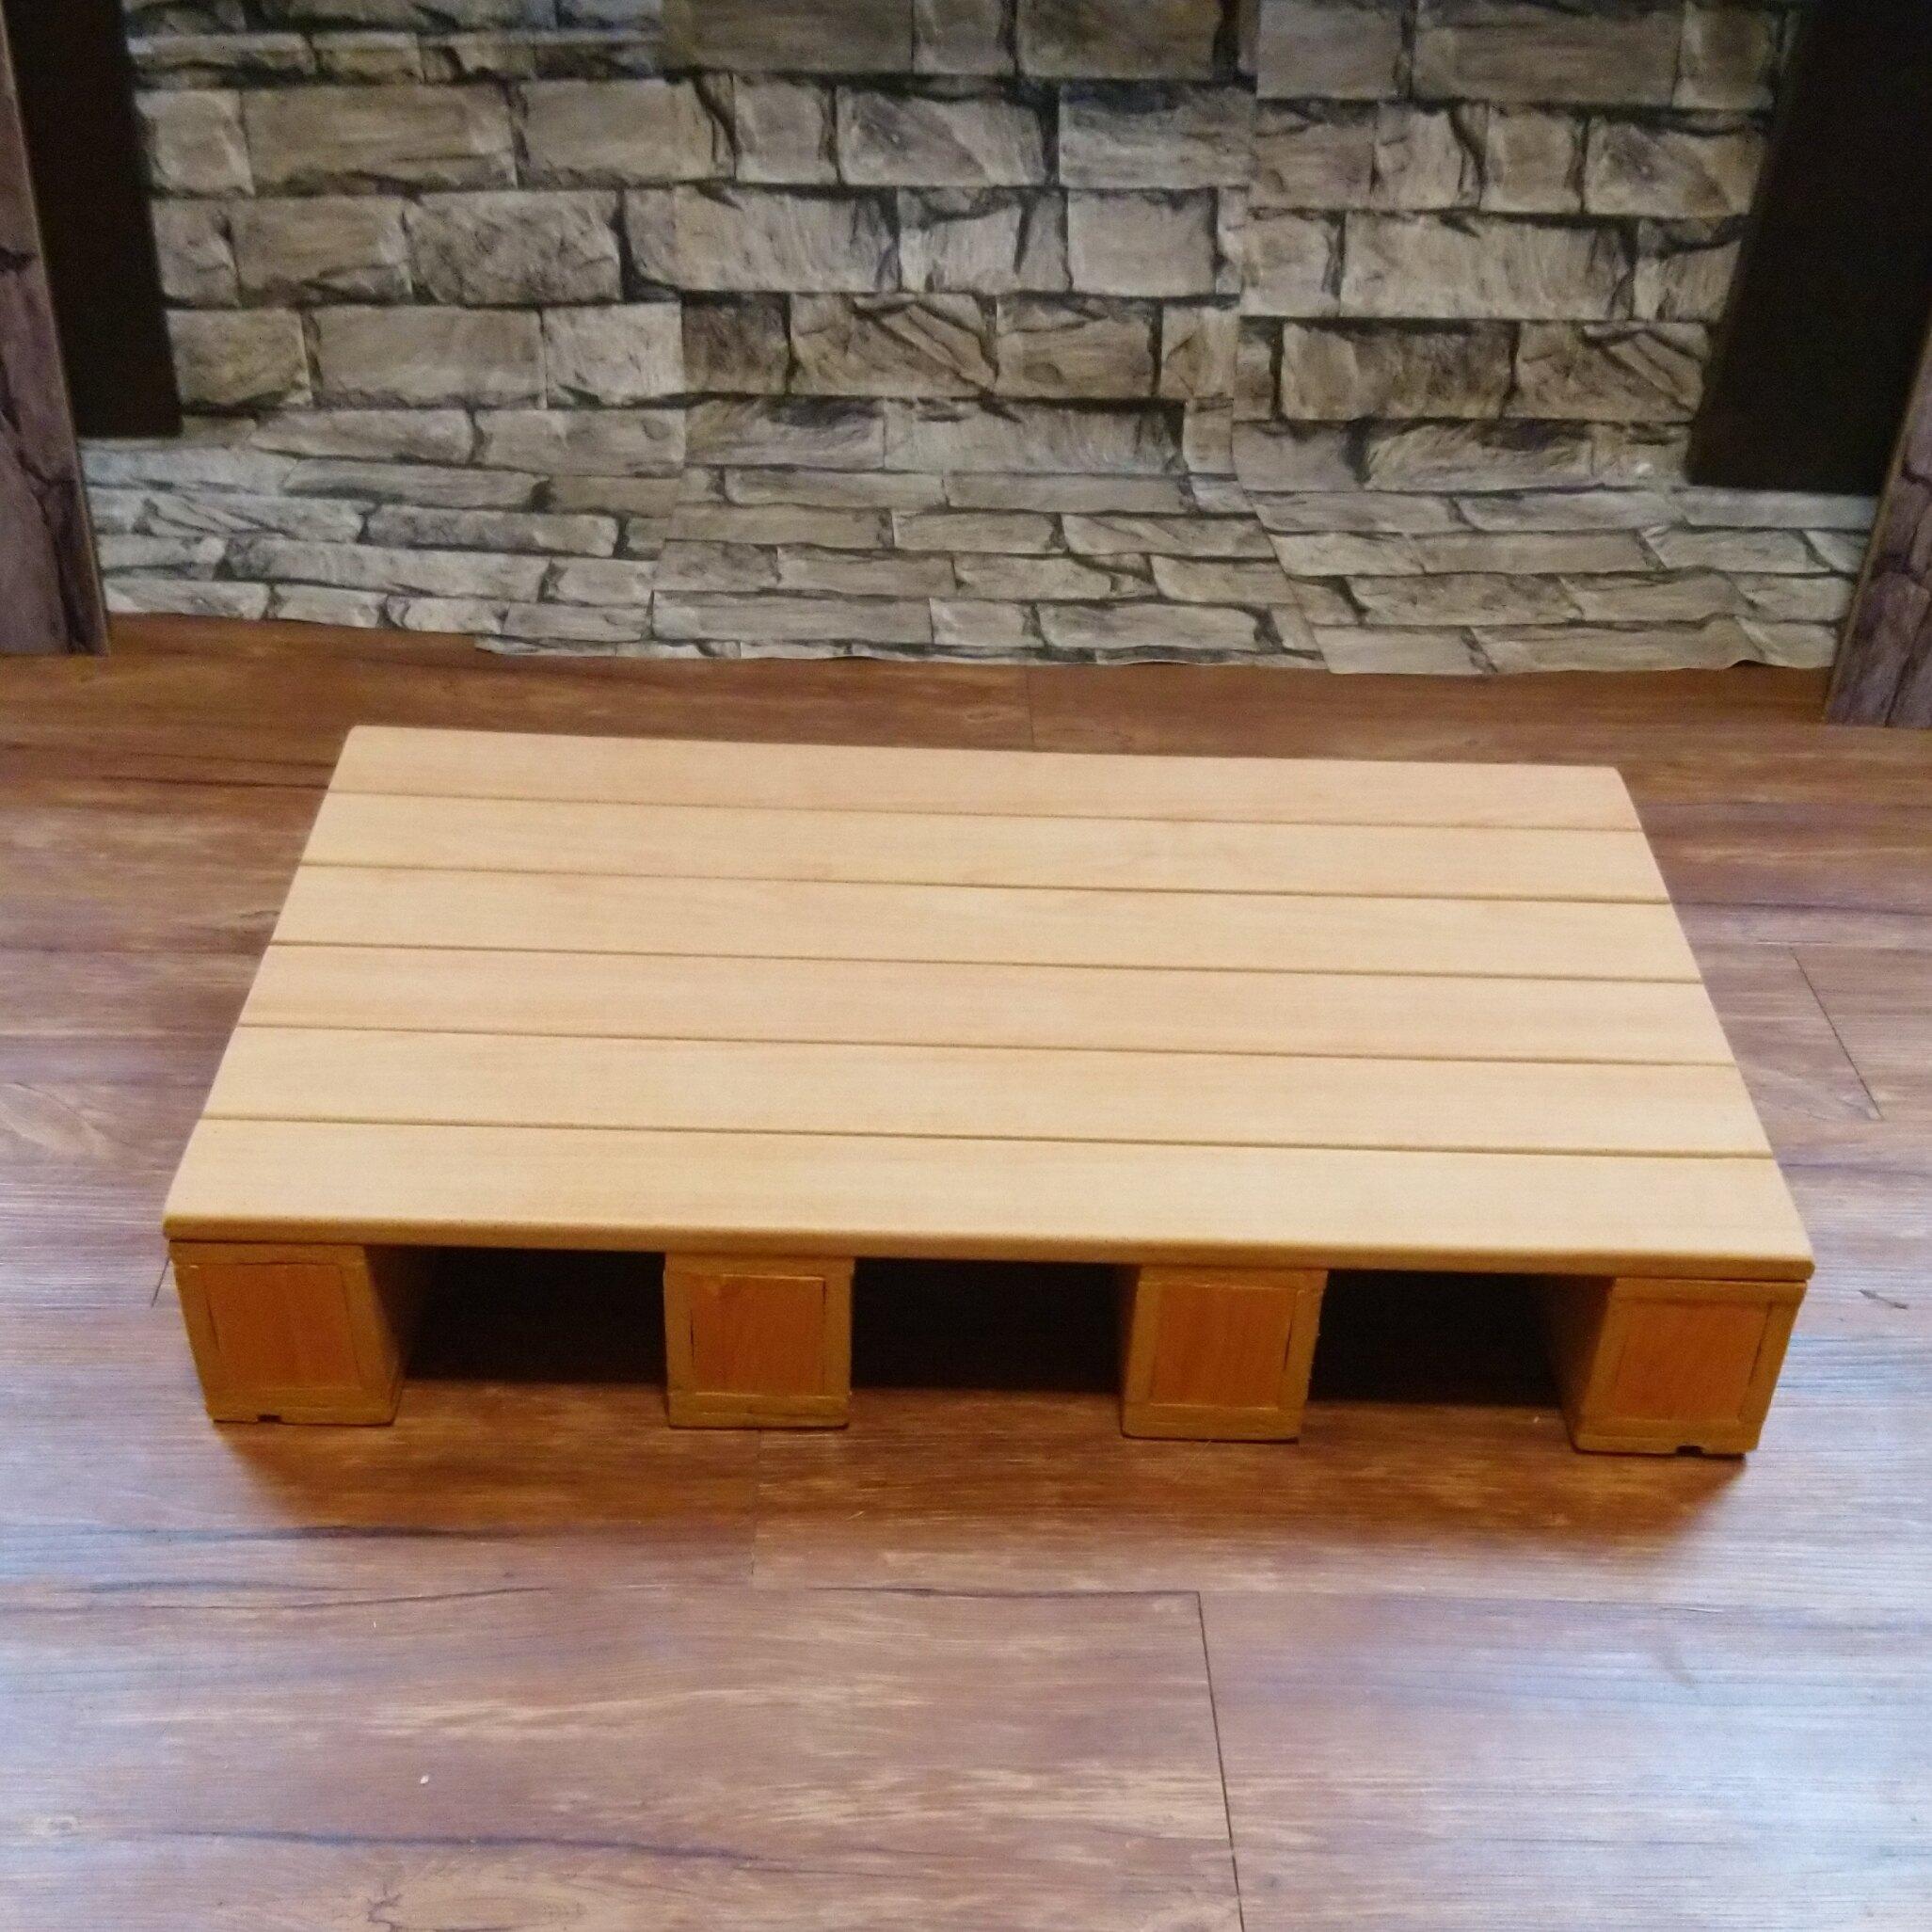 浴缸踏板, 台階( 60 x 40 x 10cm)浴室地板/陽台地板/ 戶外